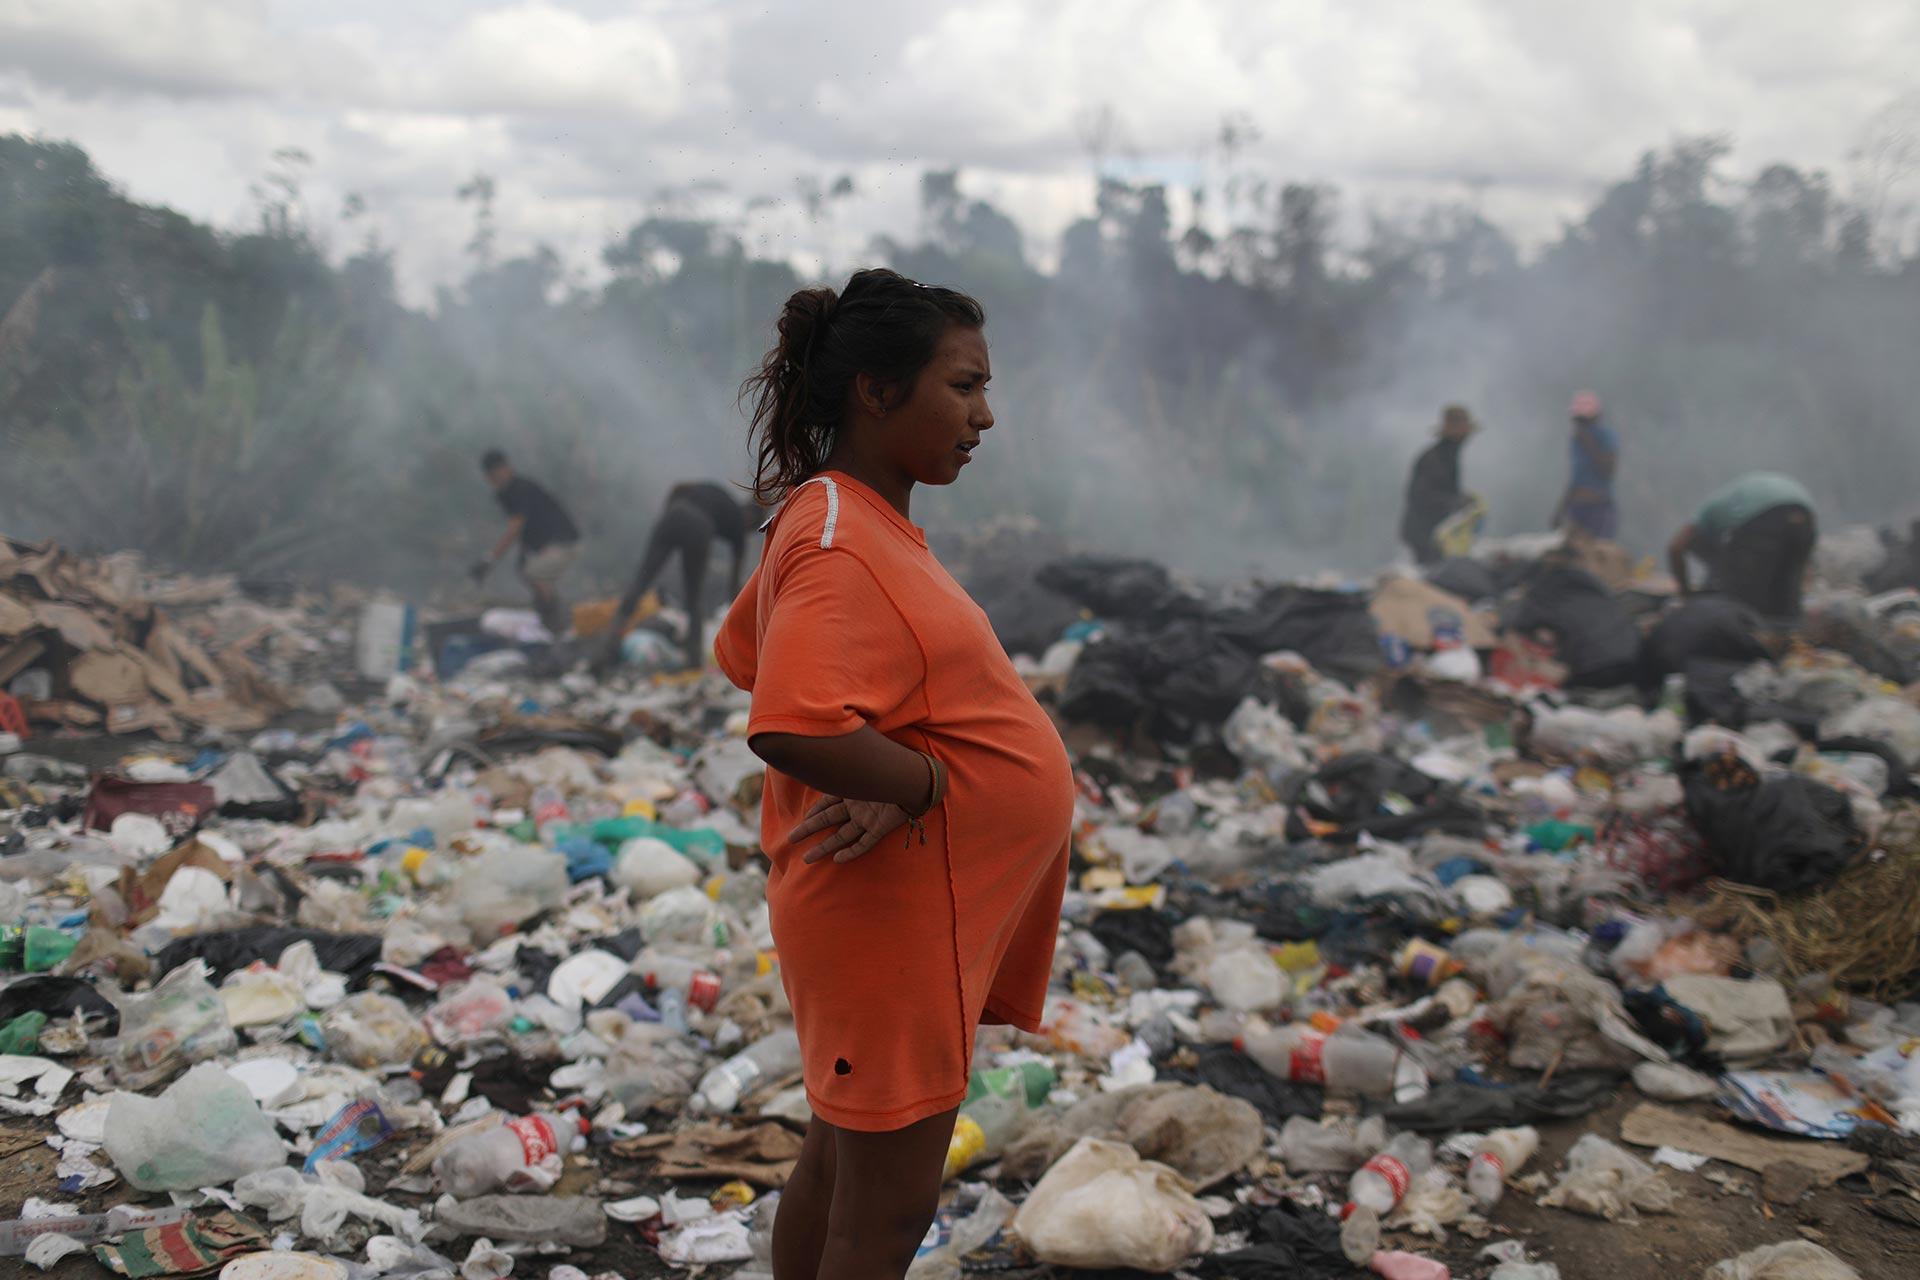 Una mujer embarazada de 8 meses también revuelve la basura (REUTERS/Pilar Olivares)